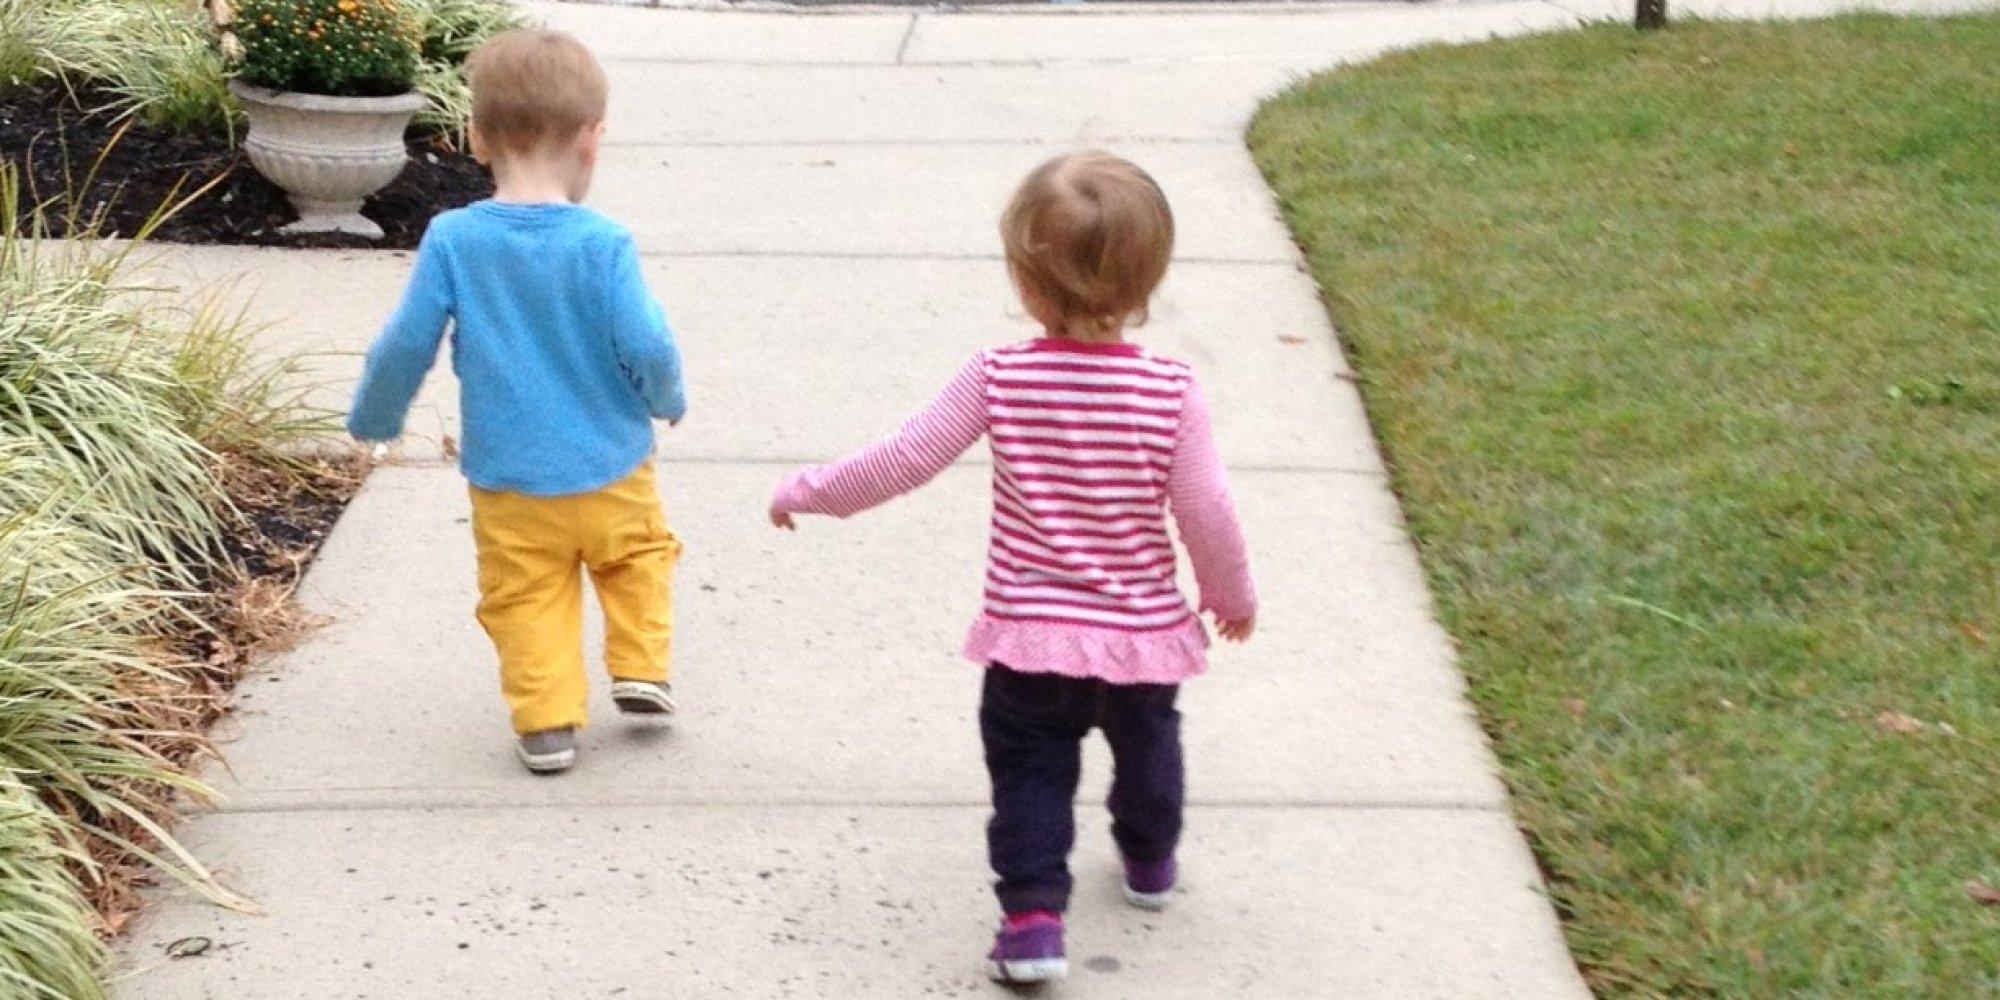 child walking away - photo #46